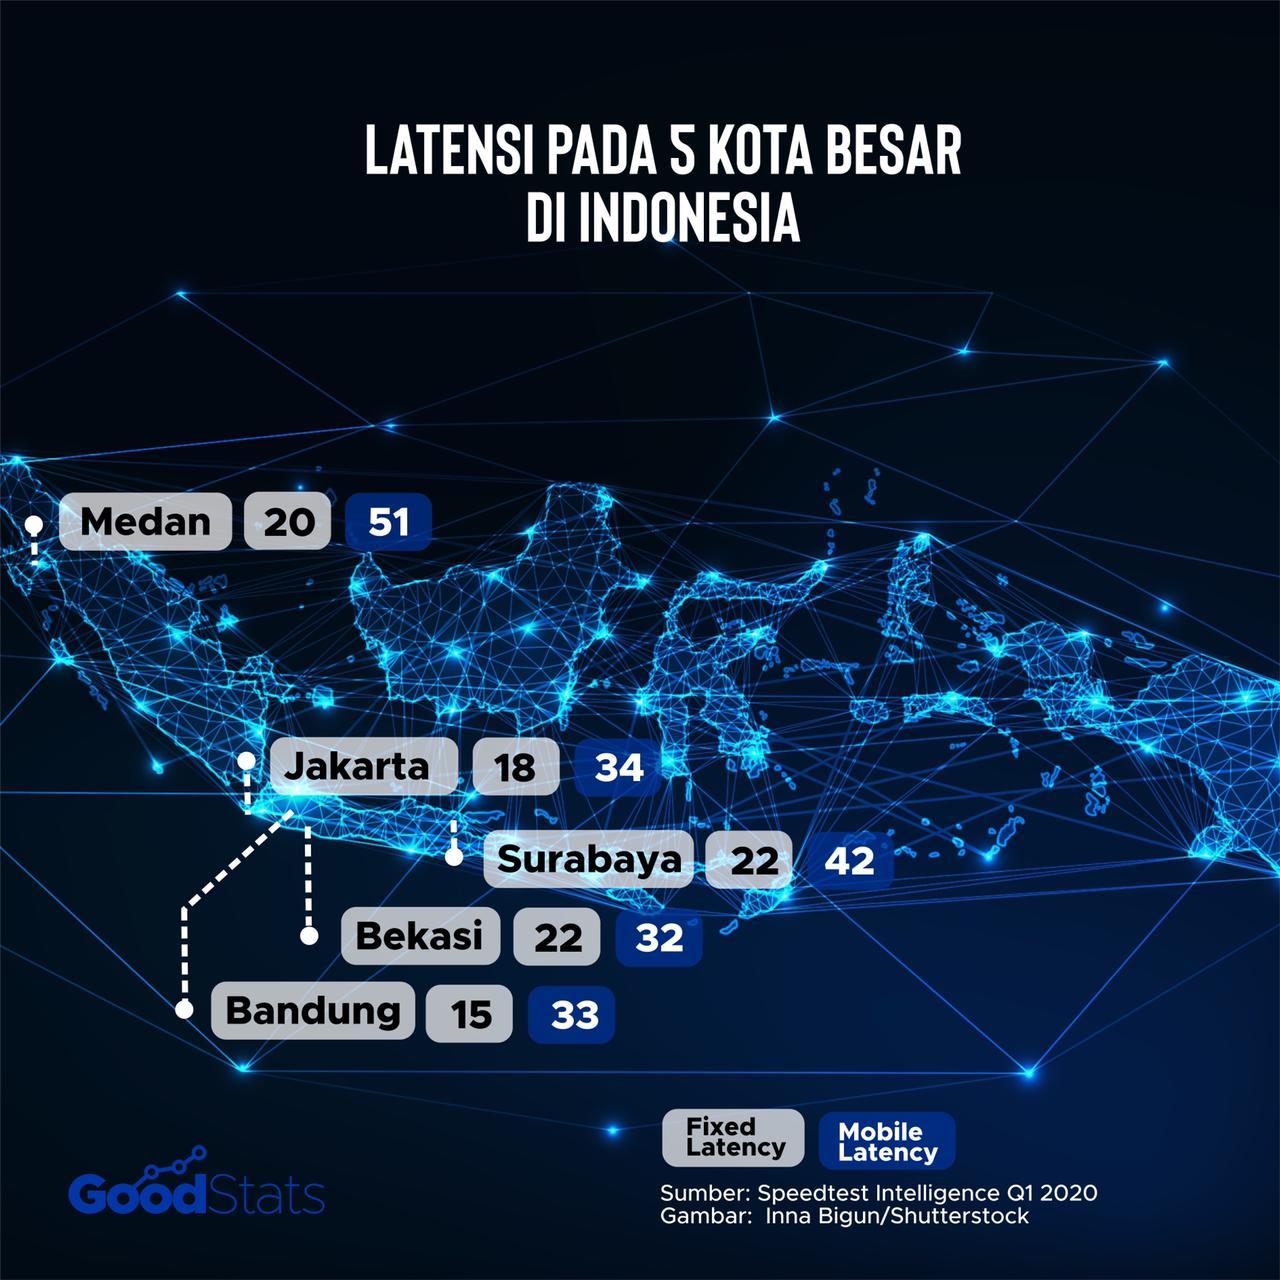 Tingkat latensi untuk fixed dan mobile broadband di 5 kota besar Indonesia. Kota Bandung menjadi yang terendah dengan latensi 15 ms | GoodStats